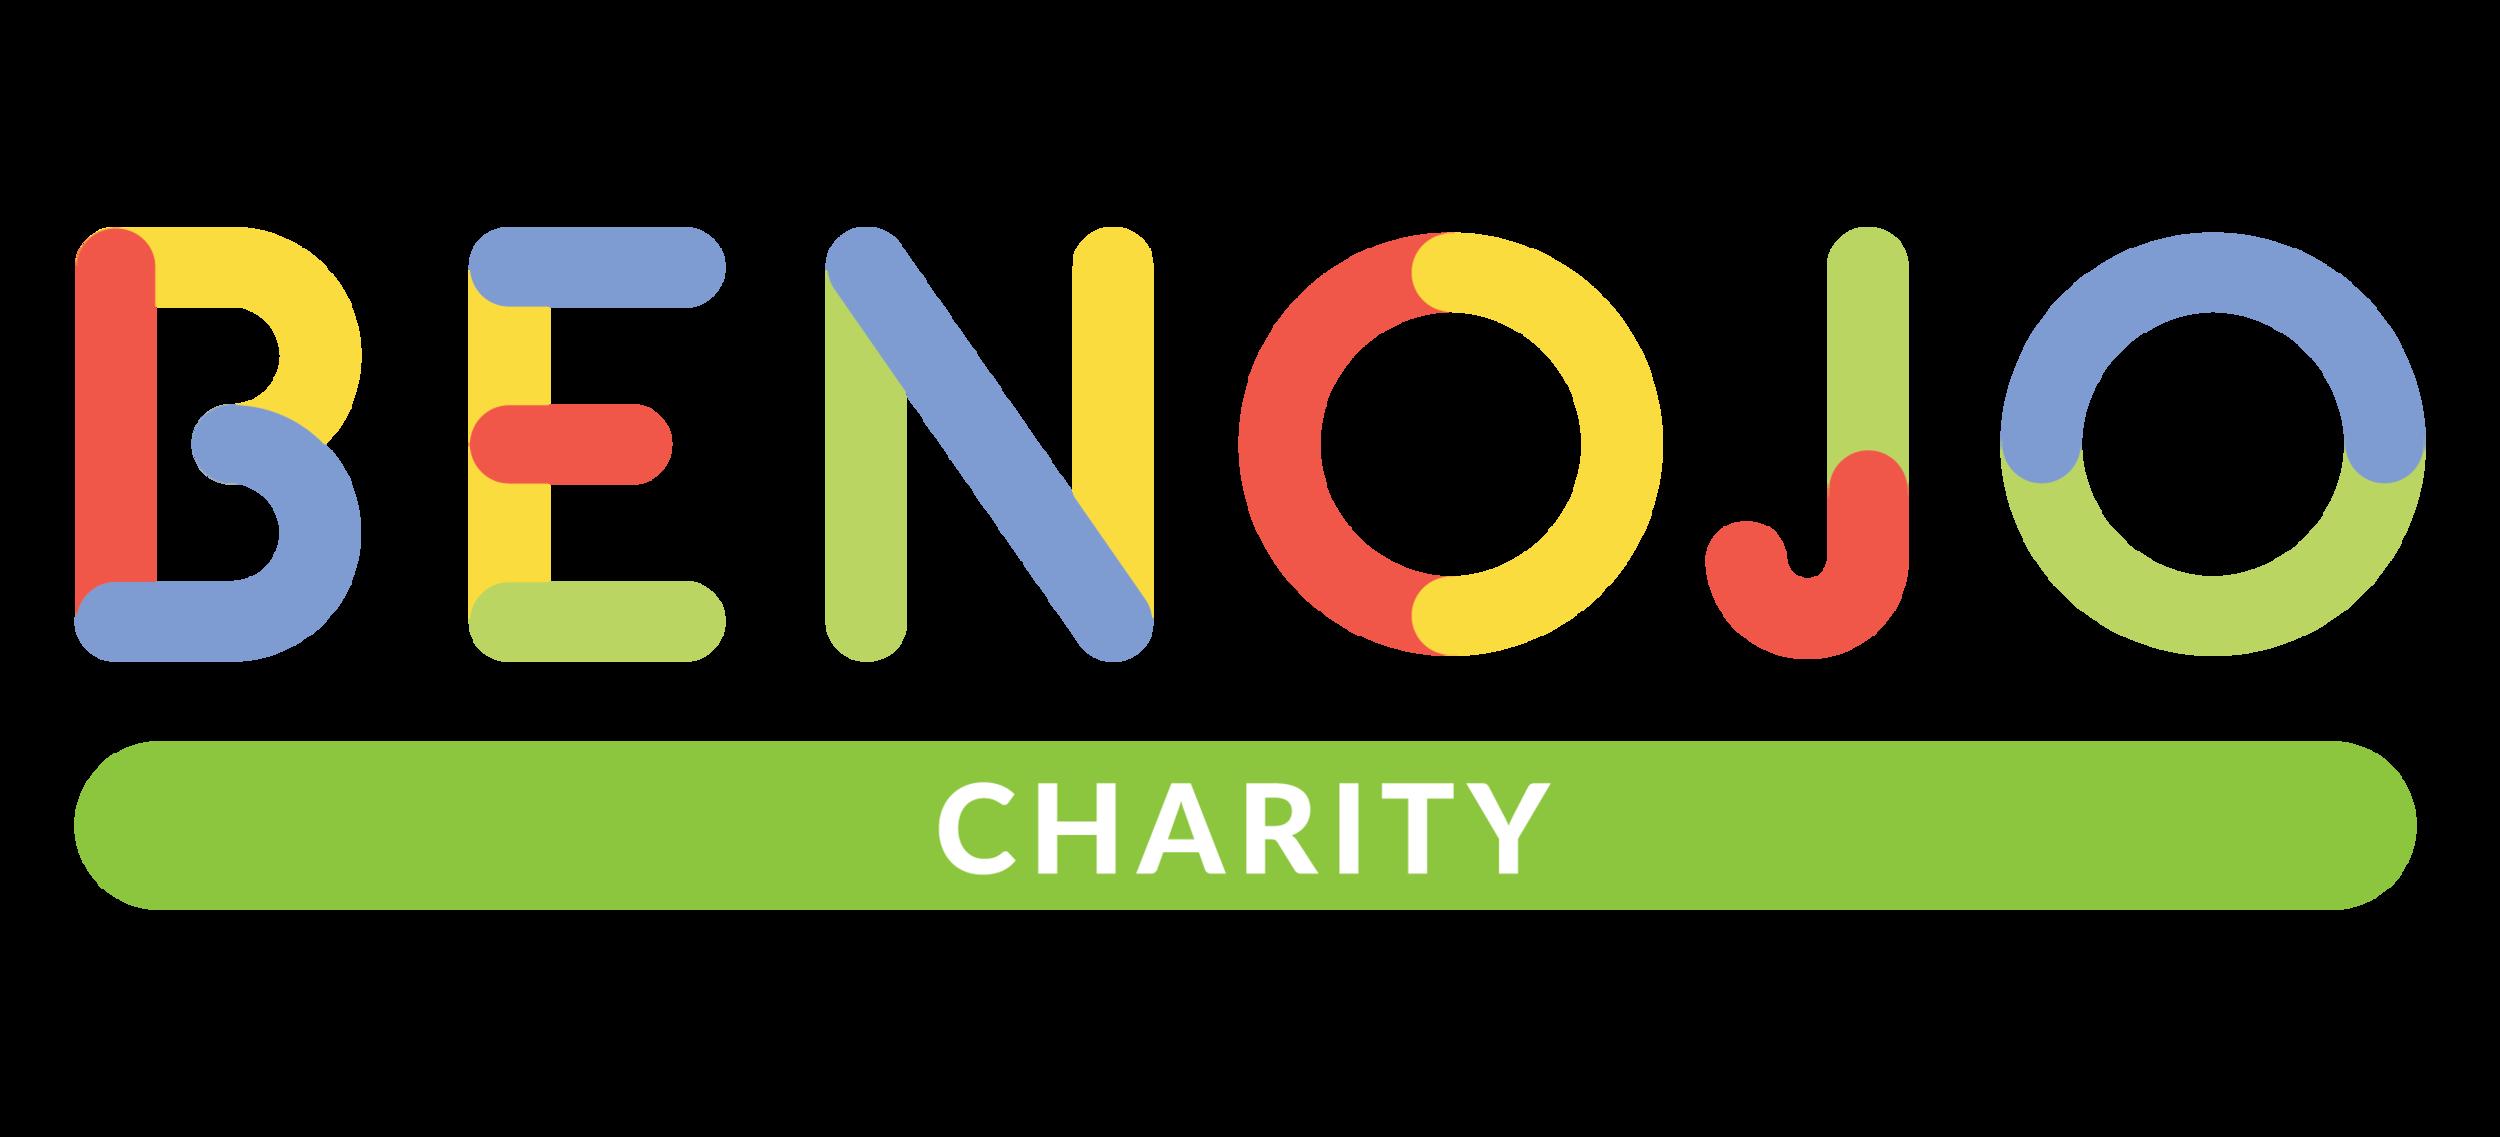 Benojo Charity.png